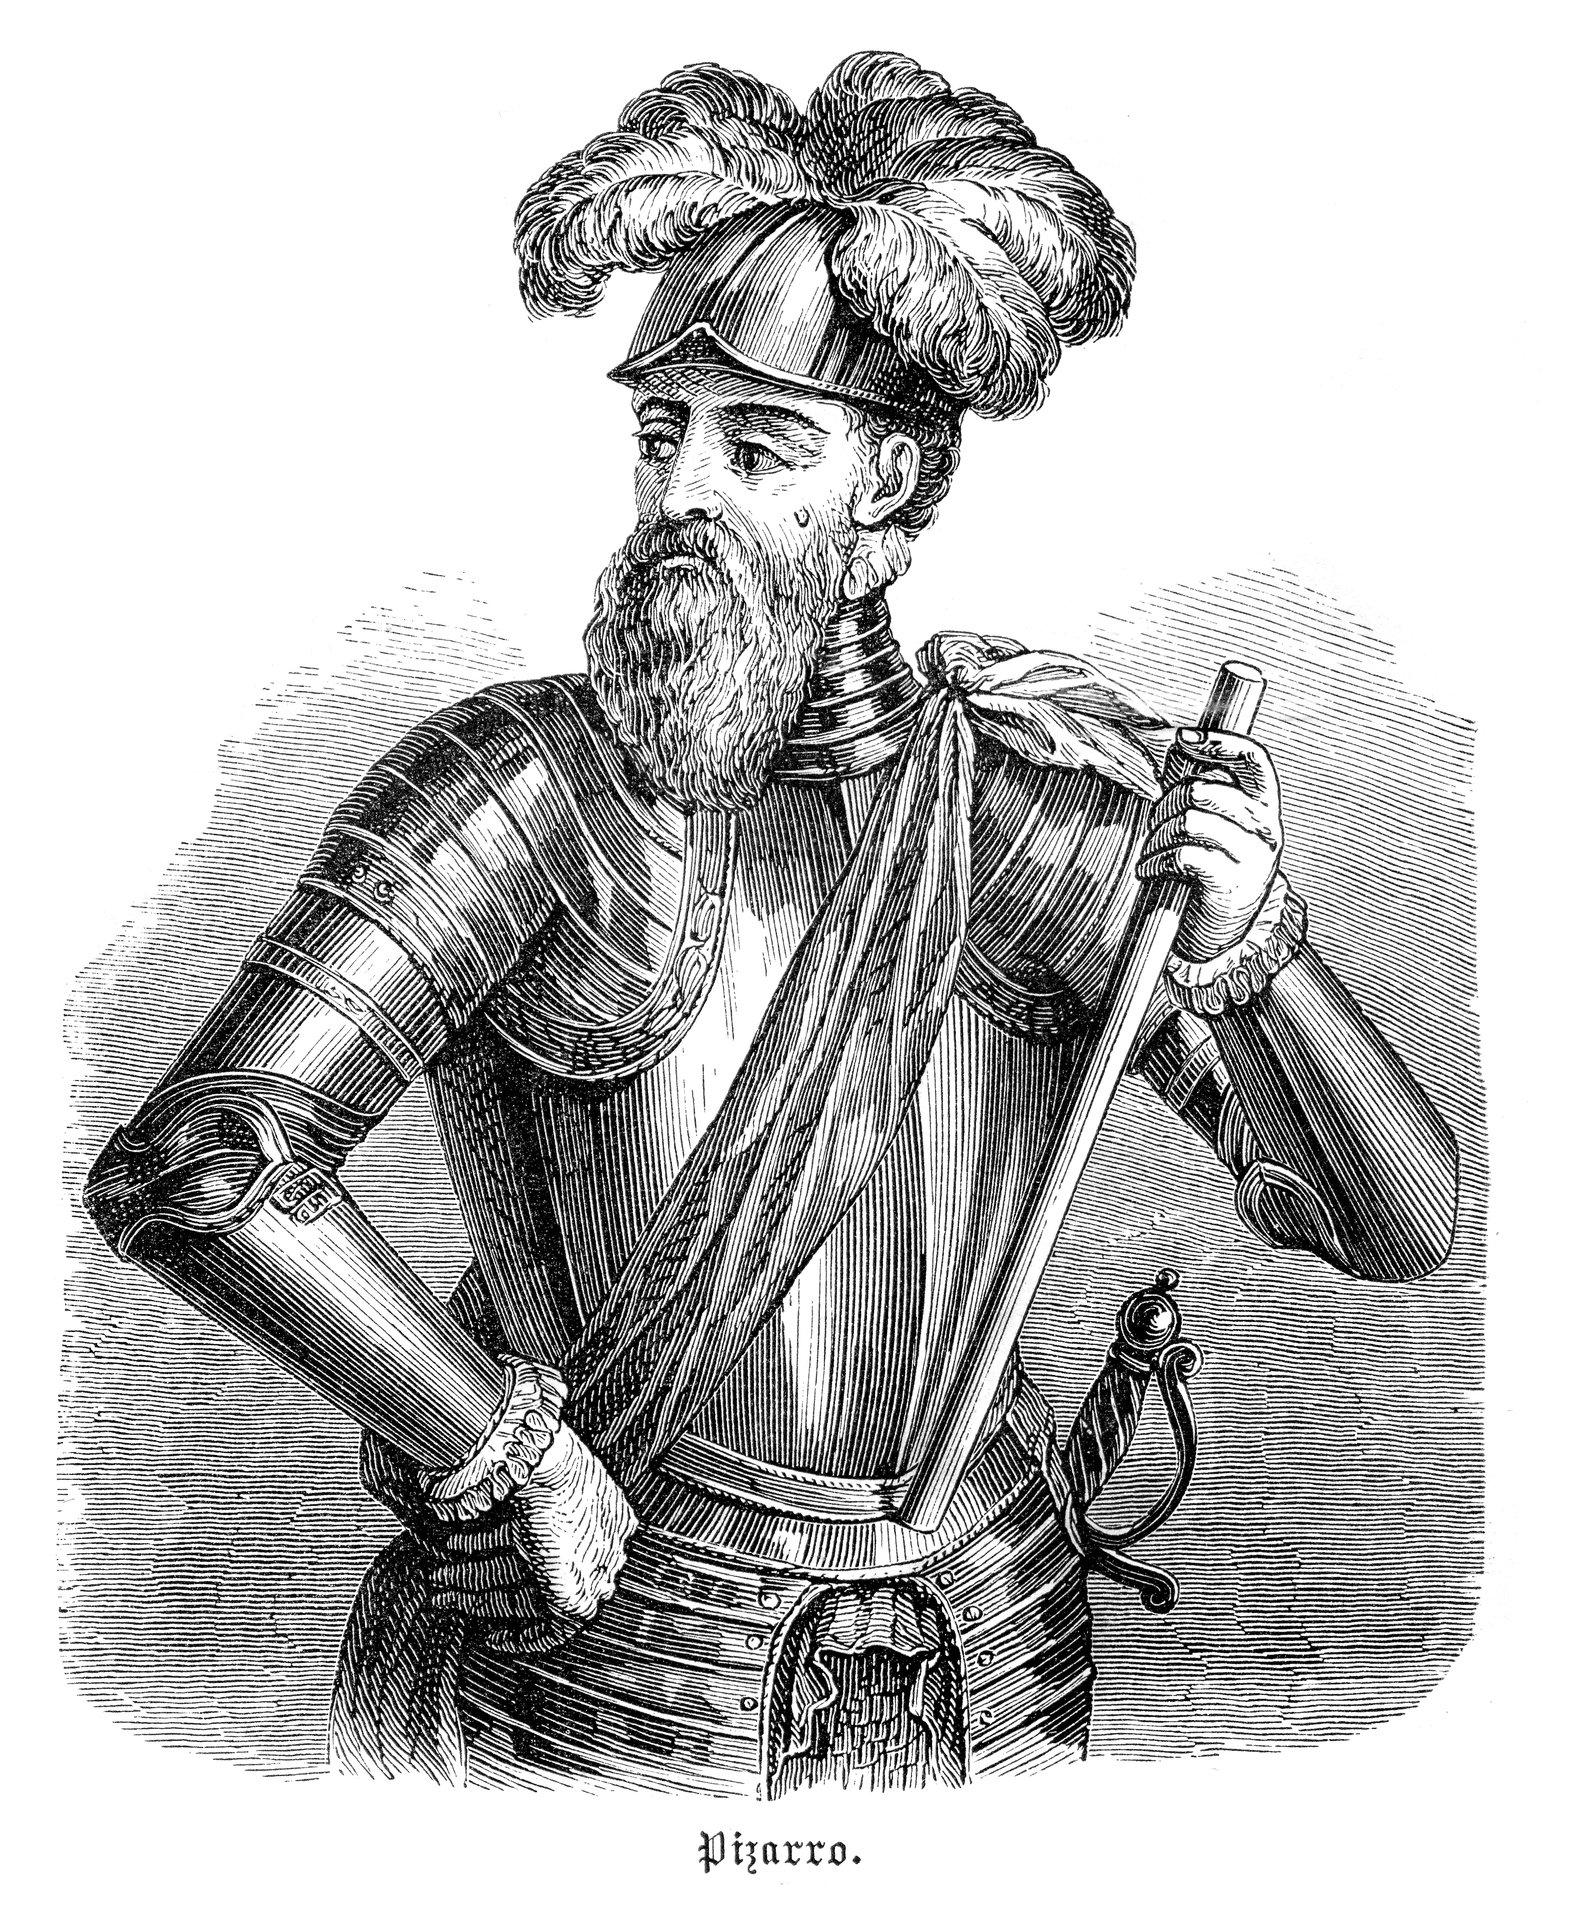 Ilustración de Franscisco Pizarro que data de 1882.